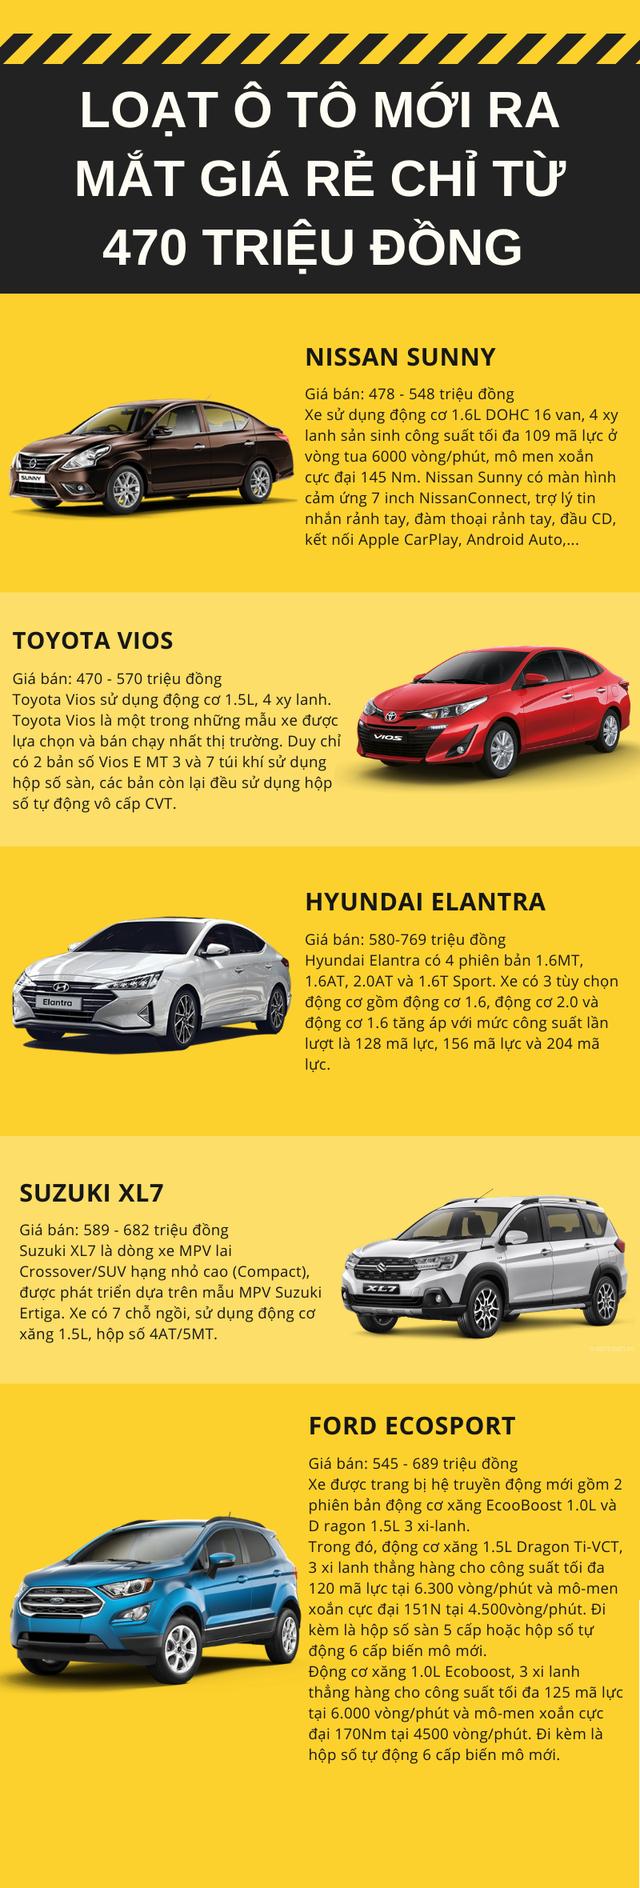 Điểm danh loạt ô tô mới giá rẻ chỉ từ 470 triệu đồng - Ảnh 1.